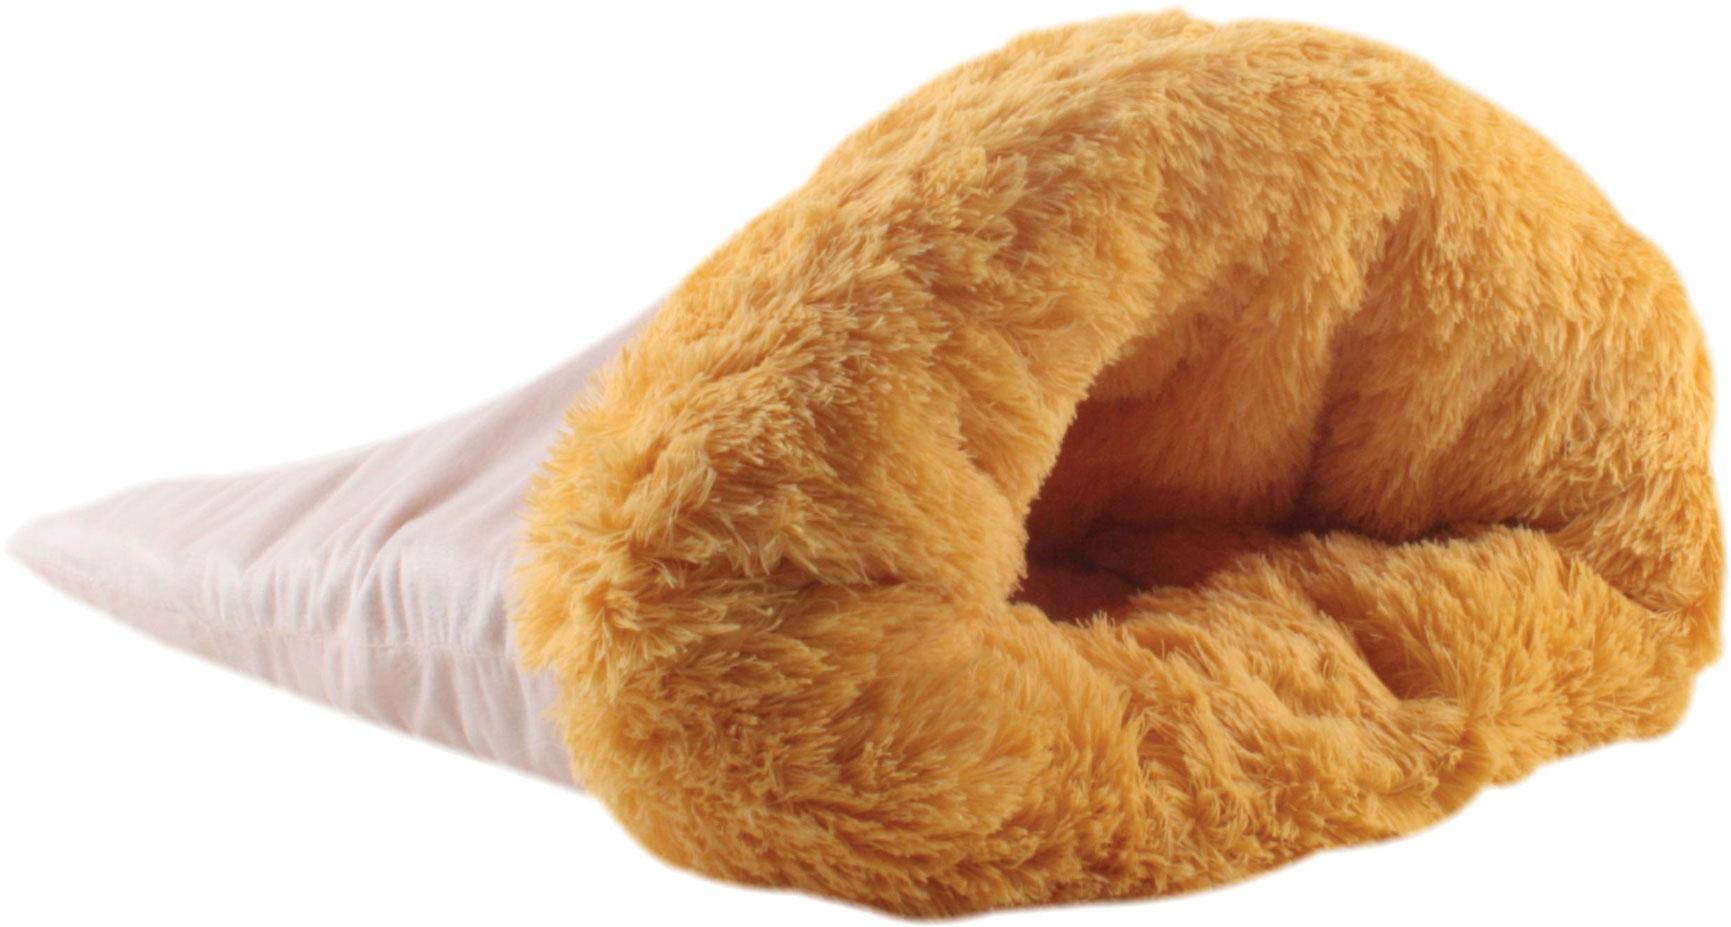 """Collar Будиночок """"Затишок"""" – м'який лежак для котів і собак"""